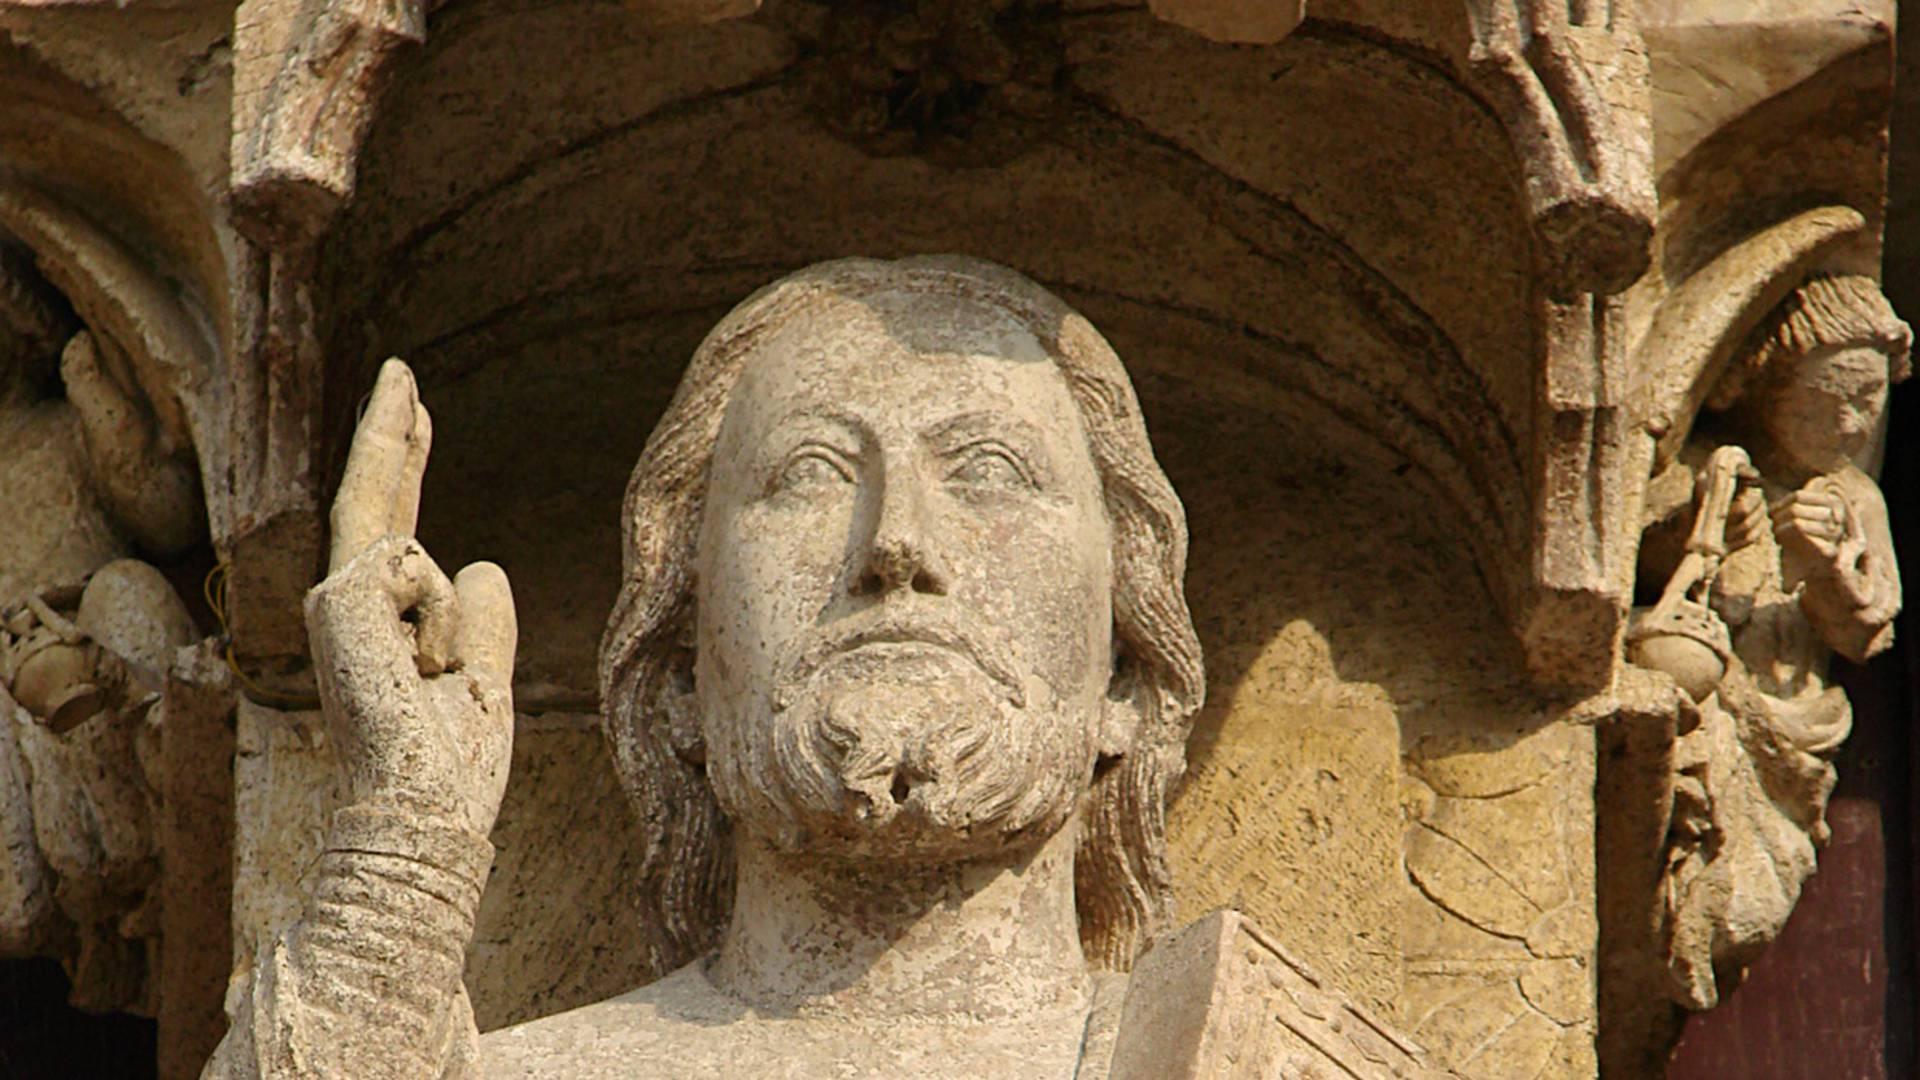 Beau-Dieu de la cathédrale de Chartres